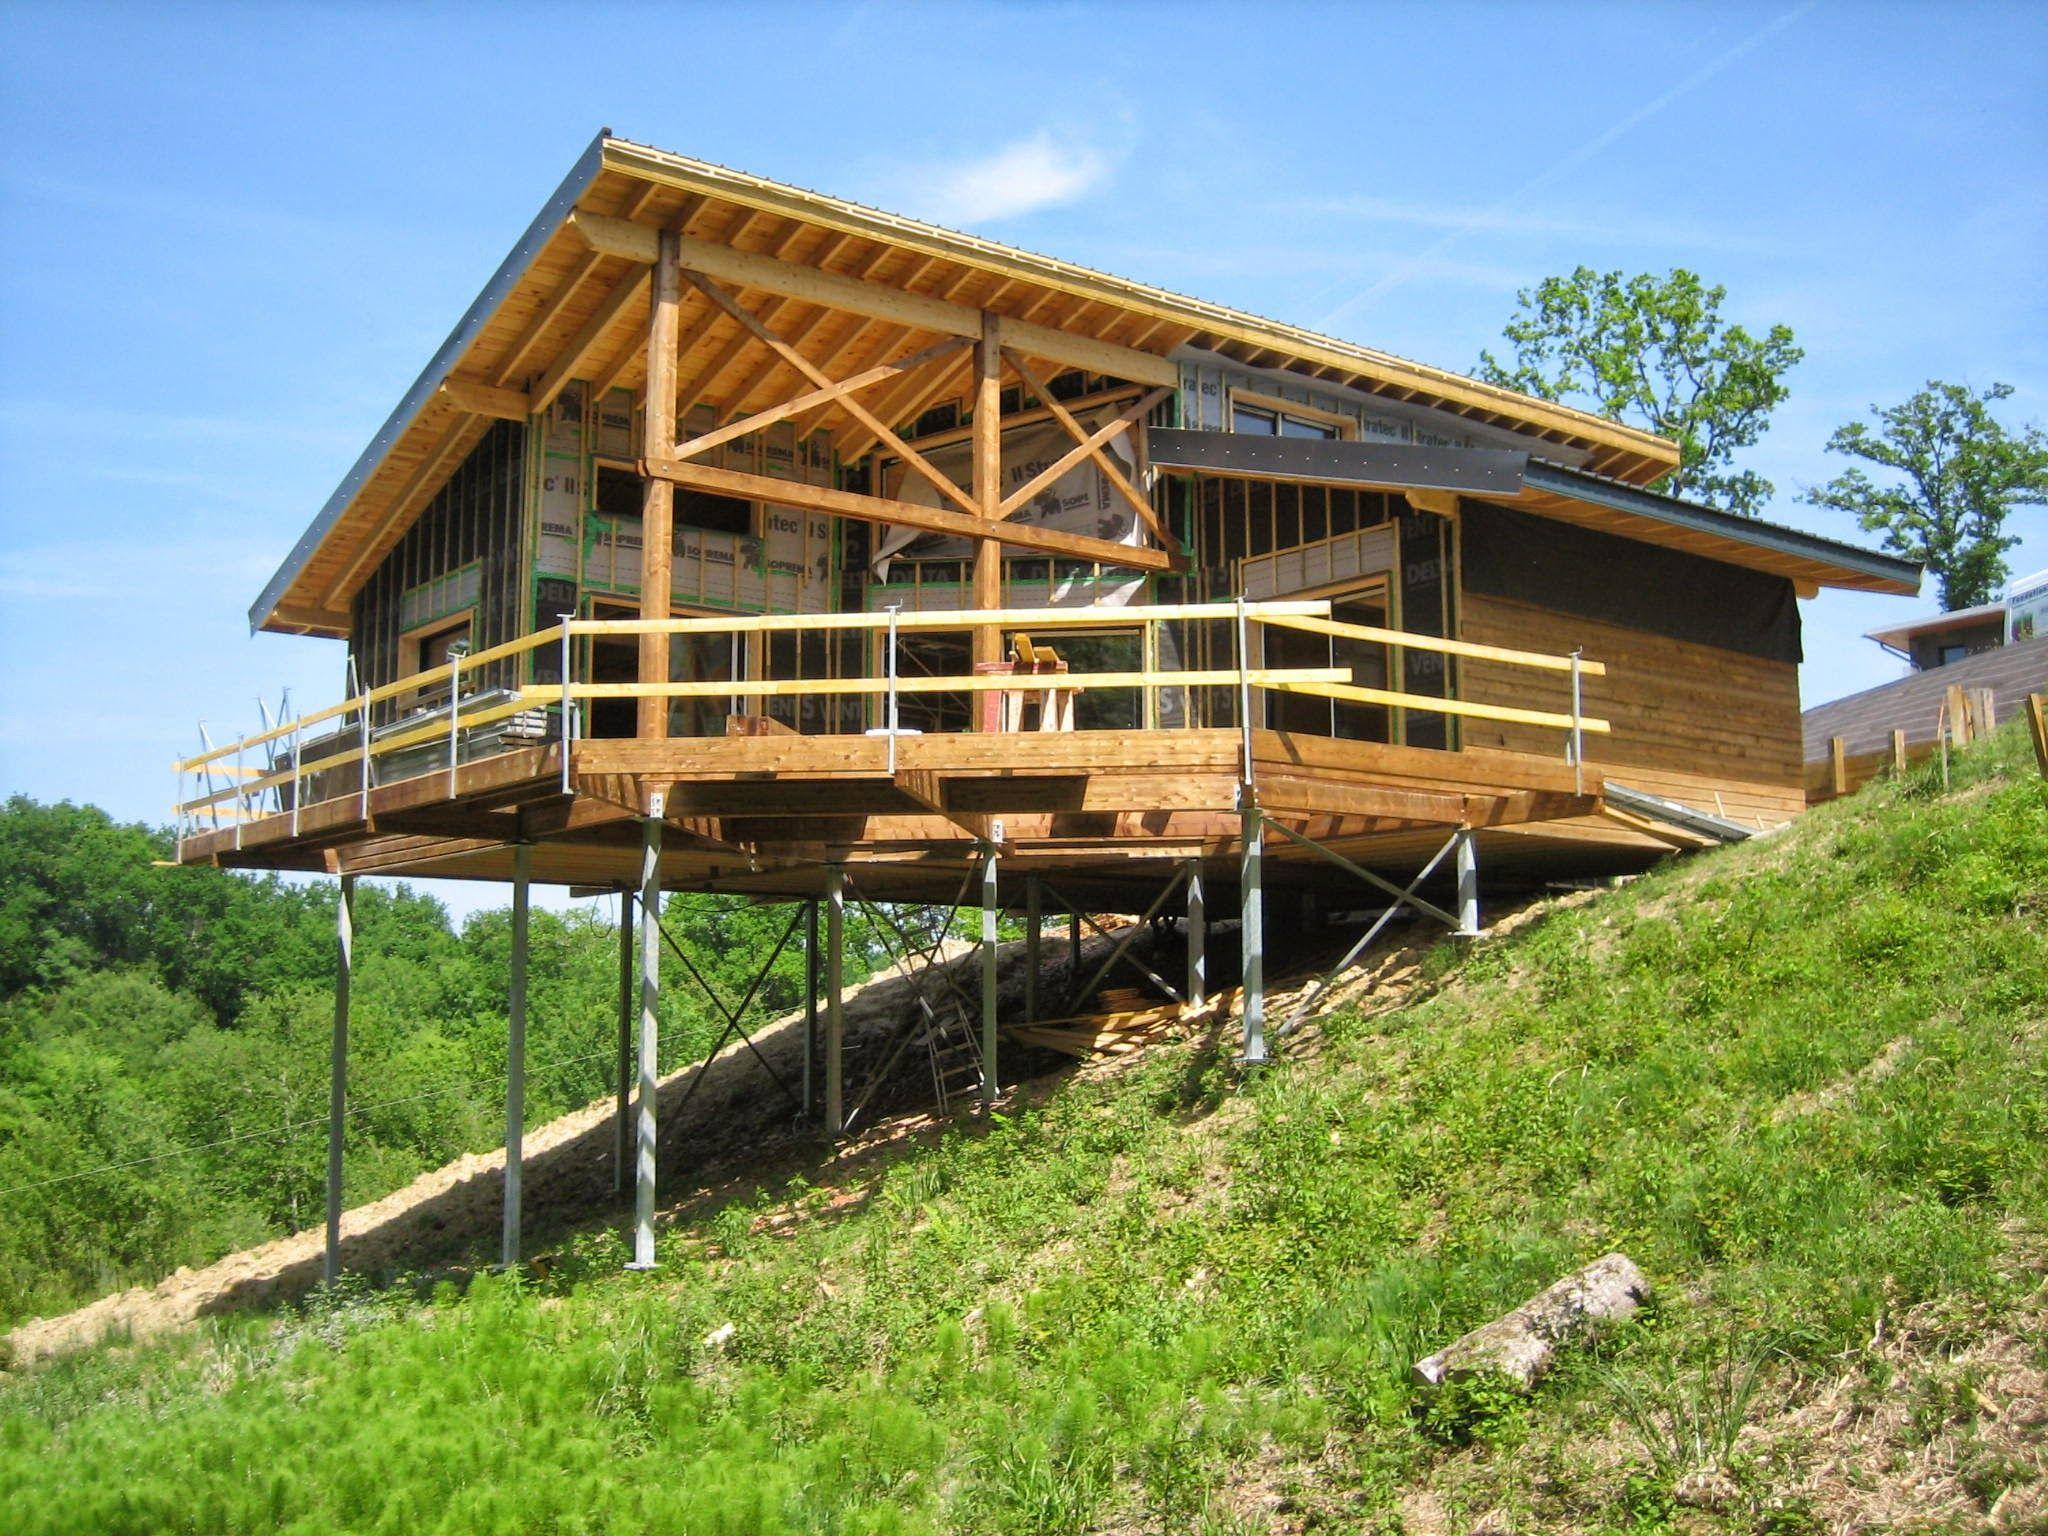 Maison sur terrain en pente construite sur une fondation de pieux vissés